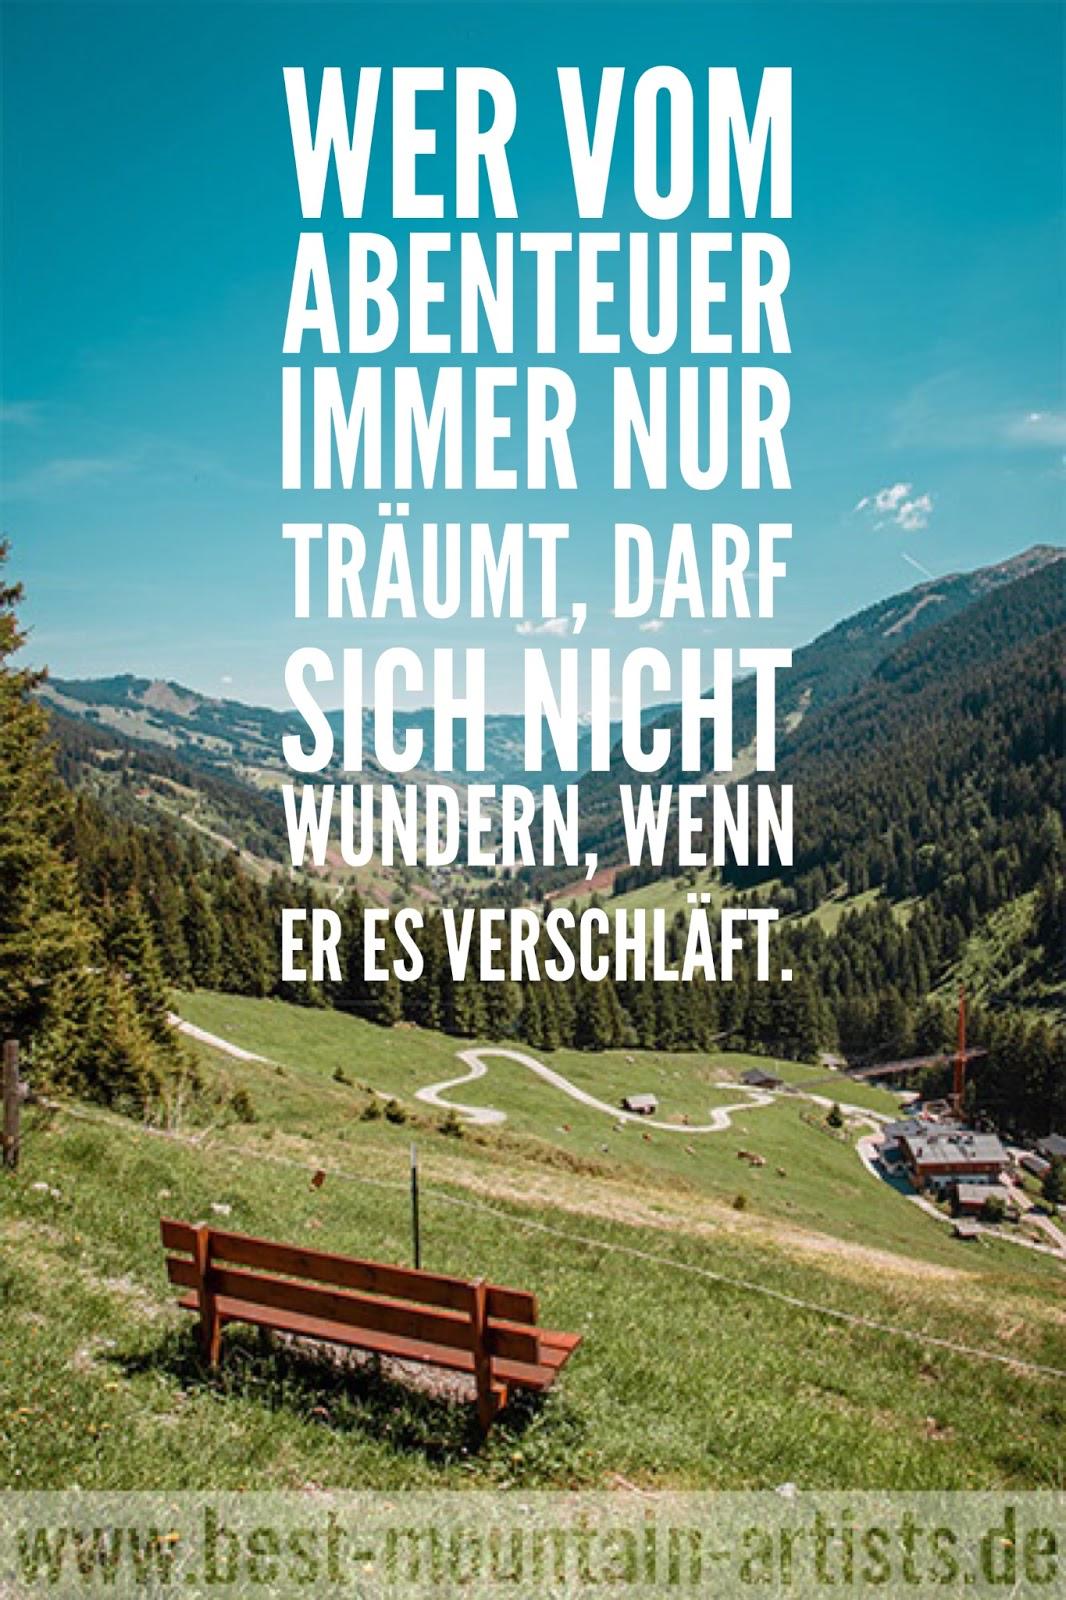 """""""Wer vom Abenteuer immer nur träumt, darf sich nicht wundern, wenn er es verschläft."""", Ernst Deutsch"""